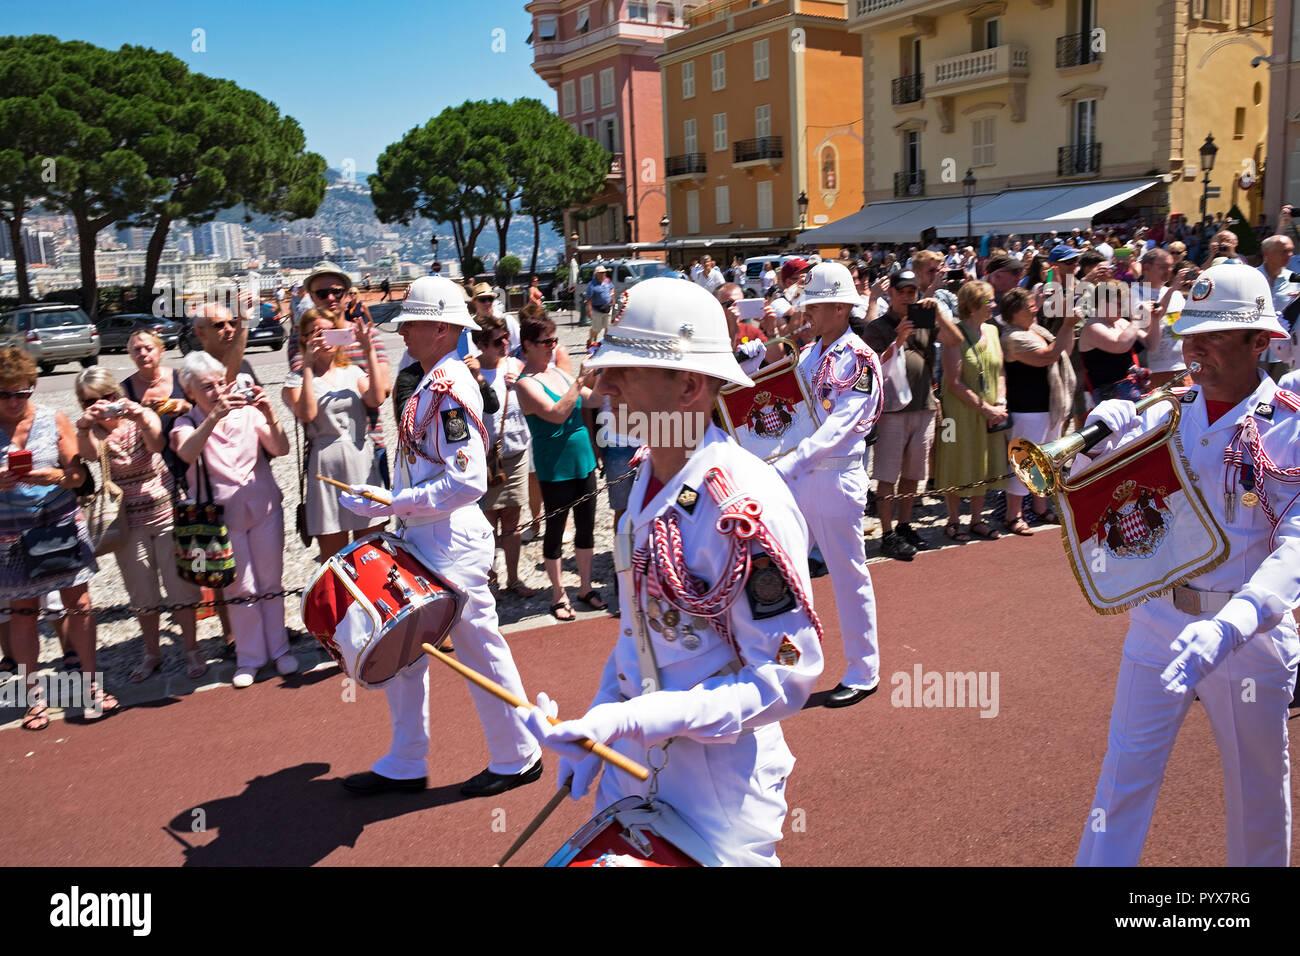 El cambio de guardia en el palacio real de Mónaco Imagen De Stock